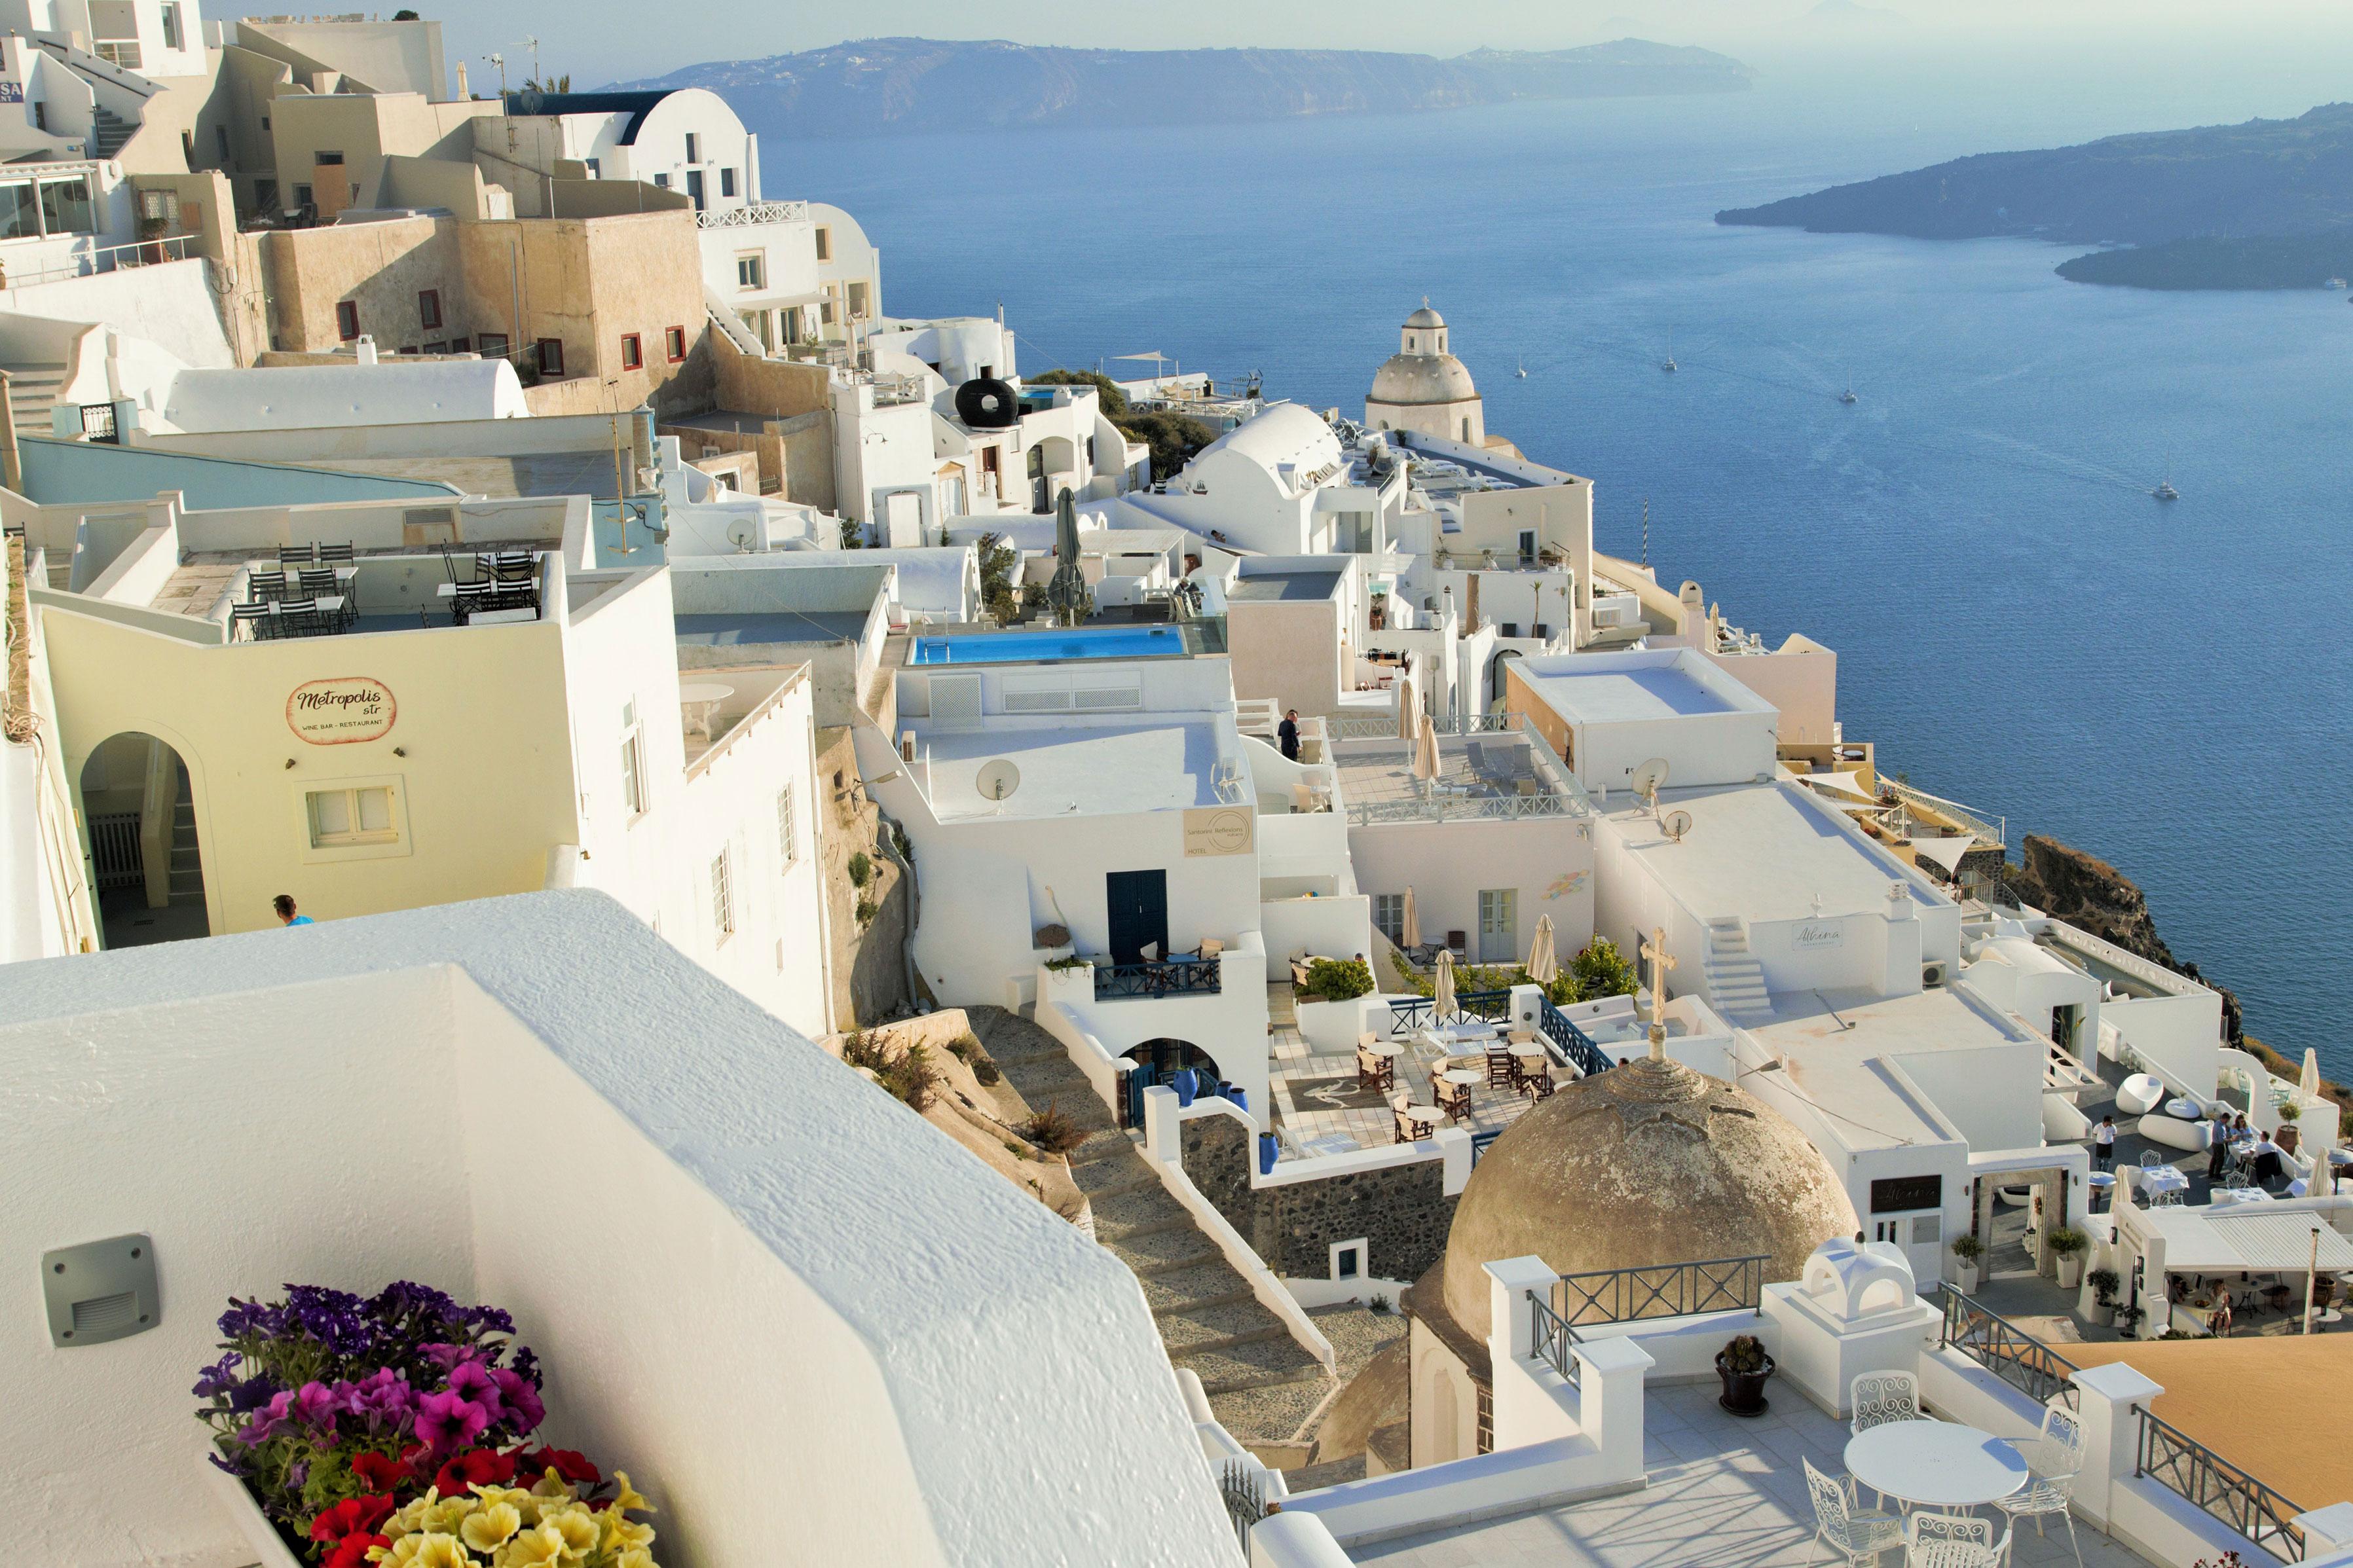 Beautiful view of Caldera Santorini